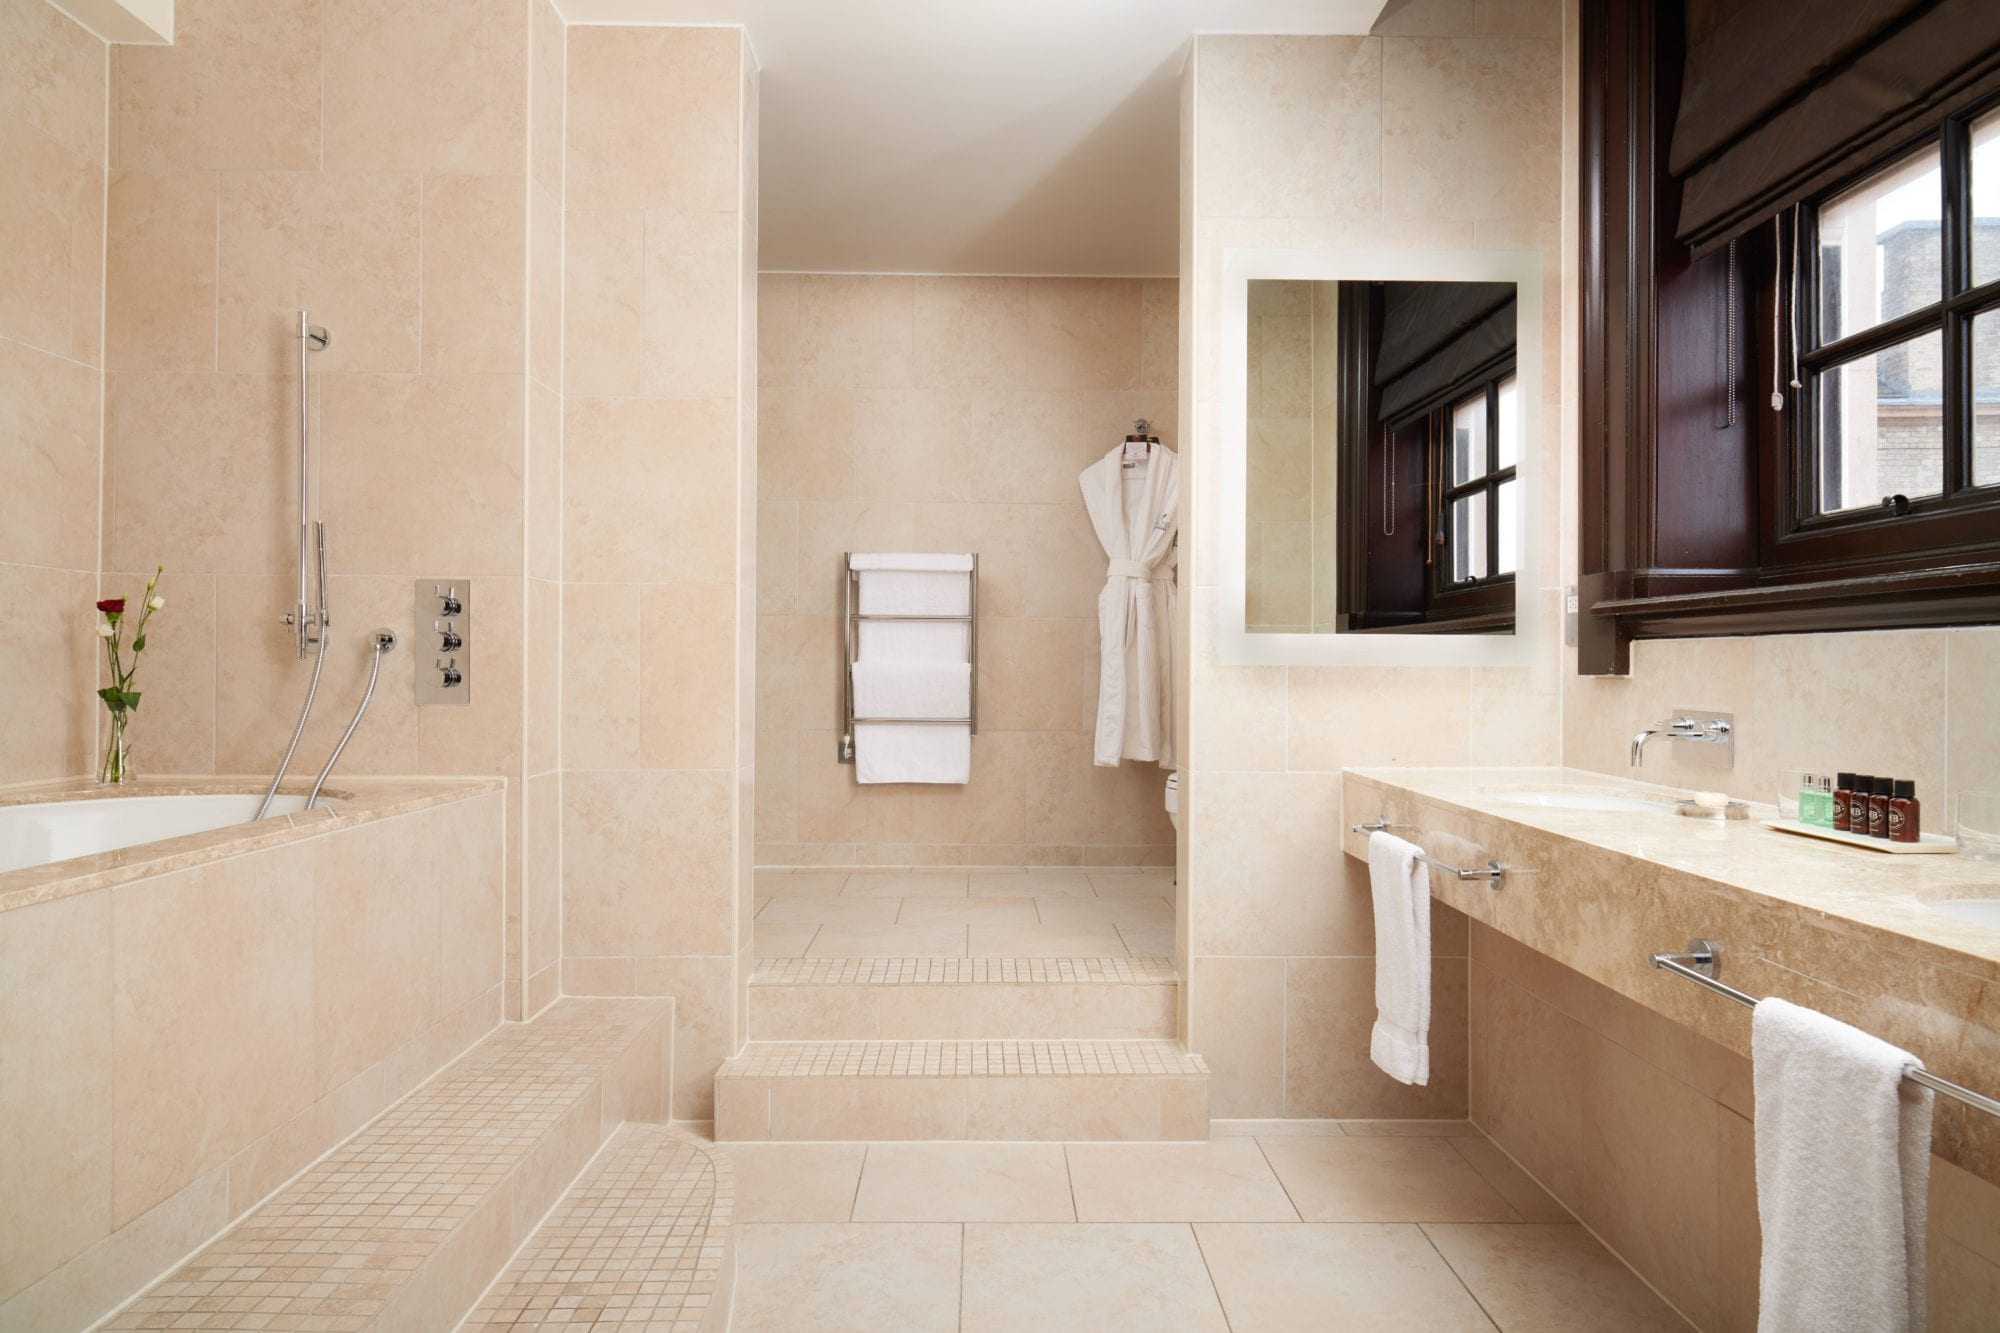 Grand Heritage – 230 Bathroom